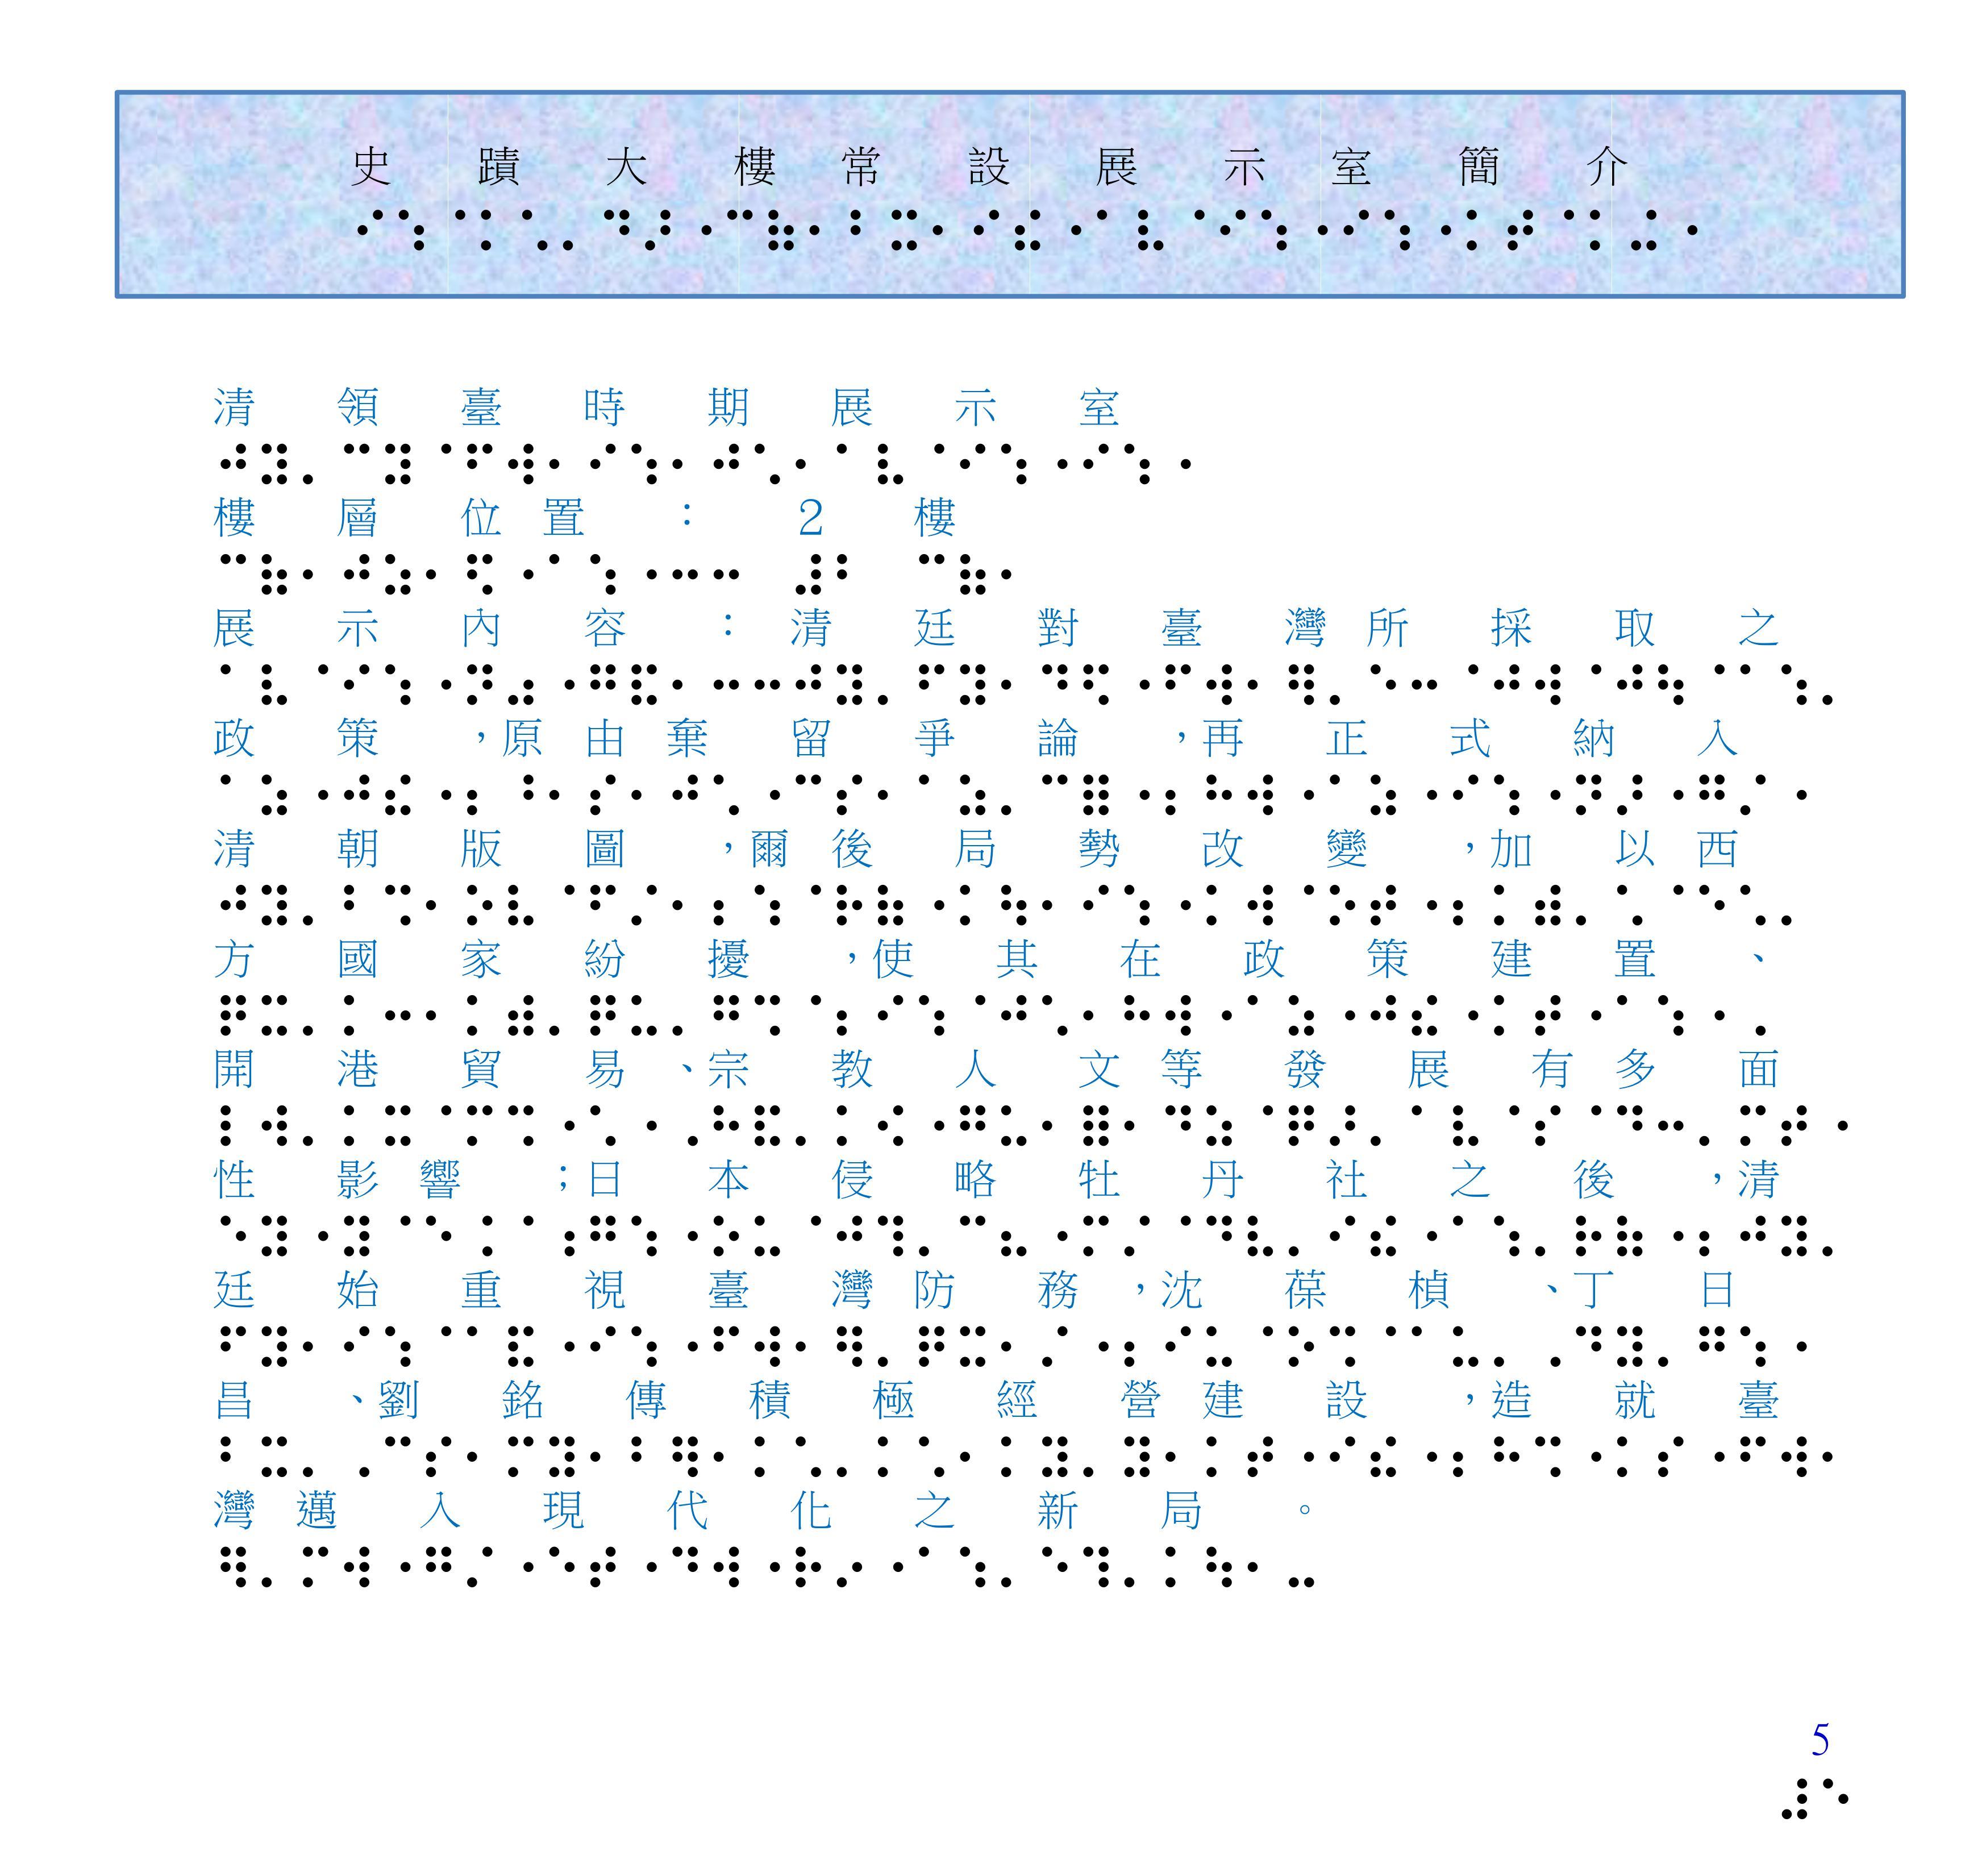 史蹟大樓視障導覽點字書簡介第5頁,含總說明共108個字